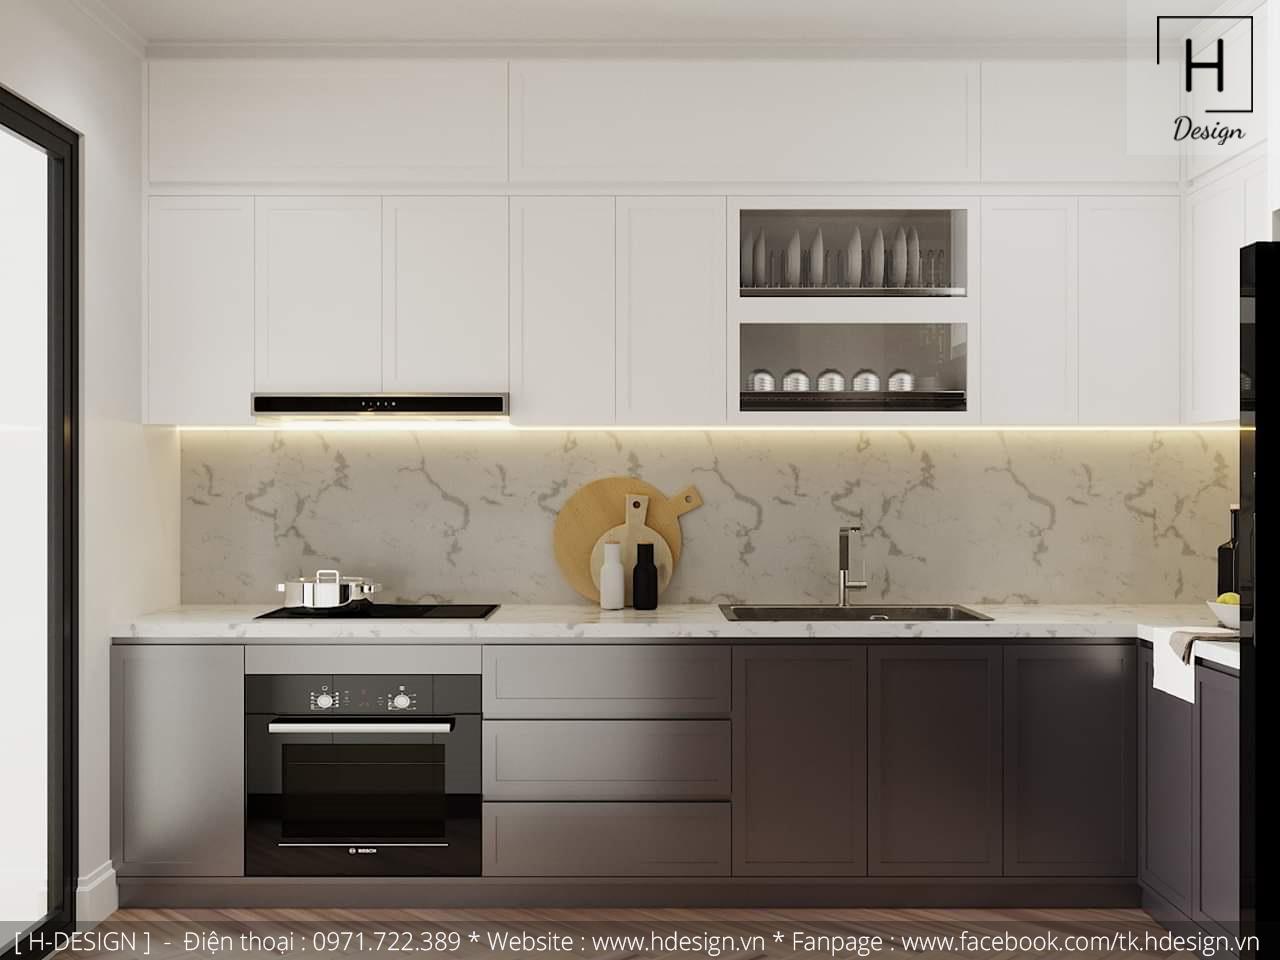 Thiết kế thi công nội thất chung cư D'Capital 6